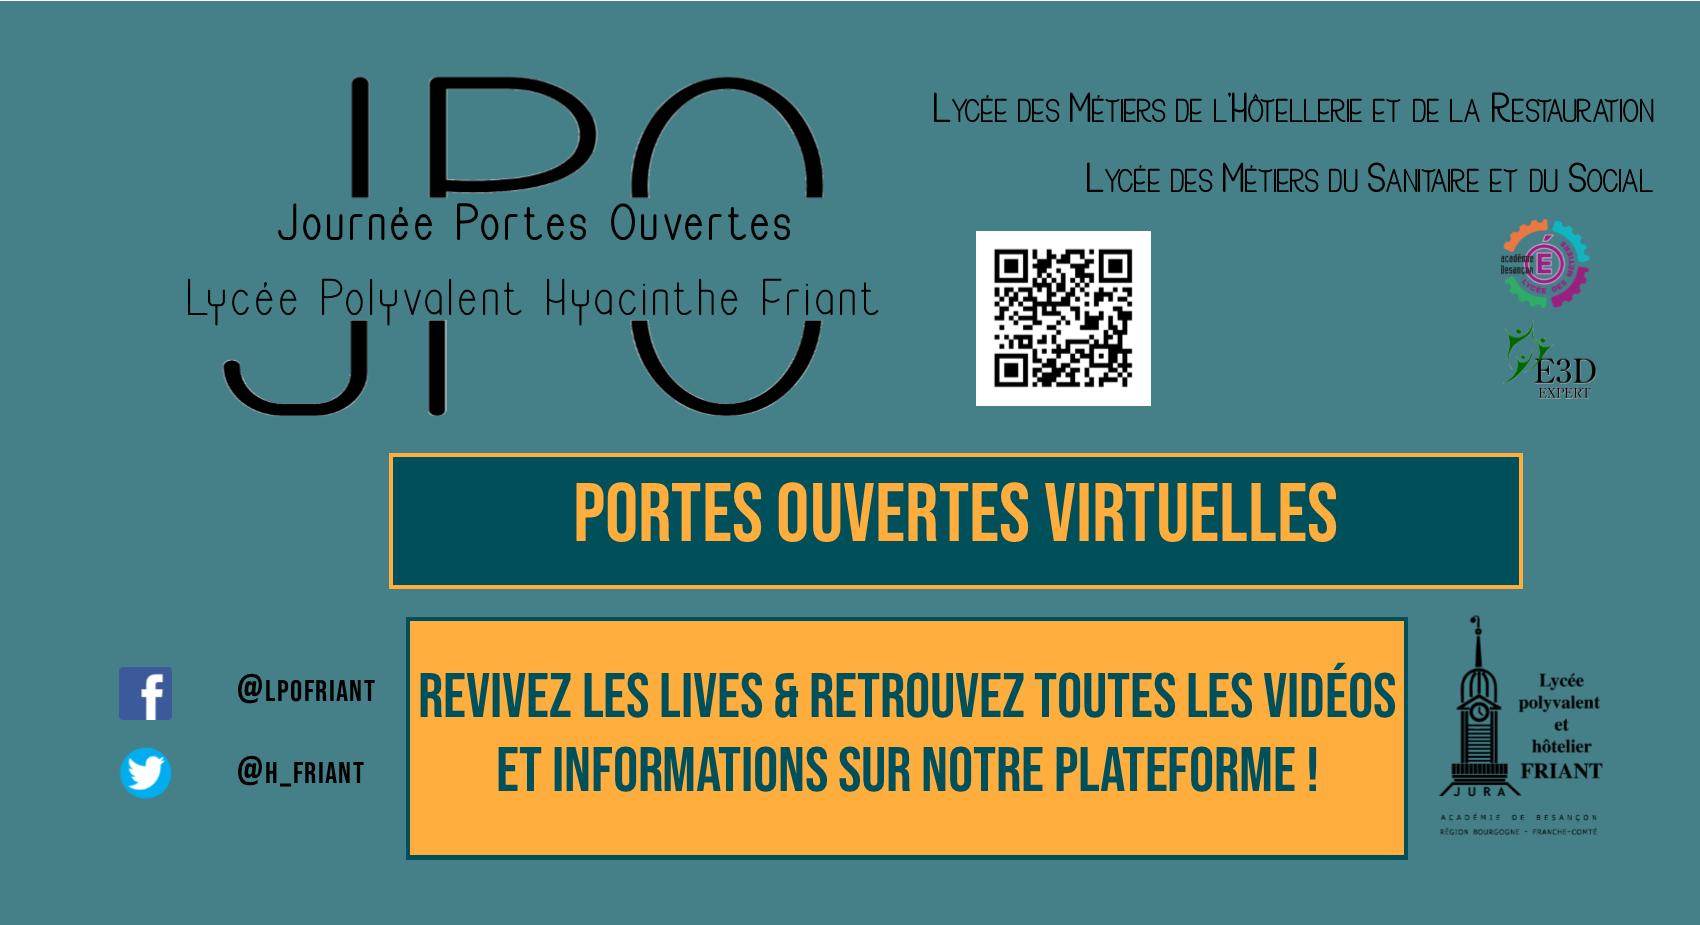 JPO Revivez les lives.png